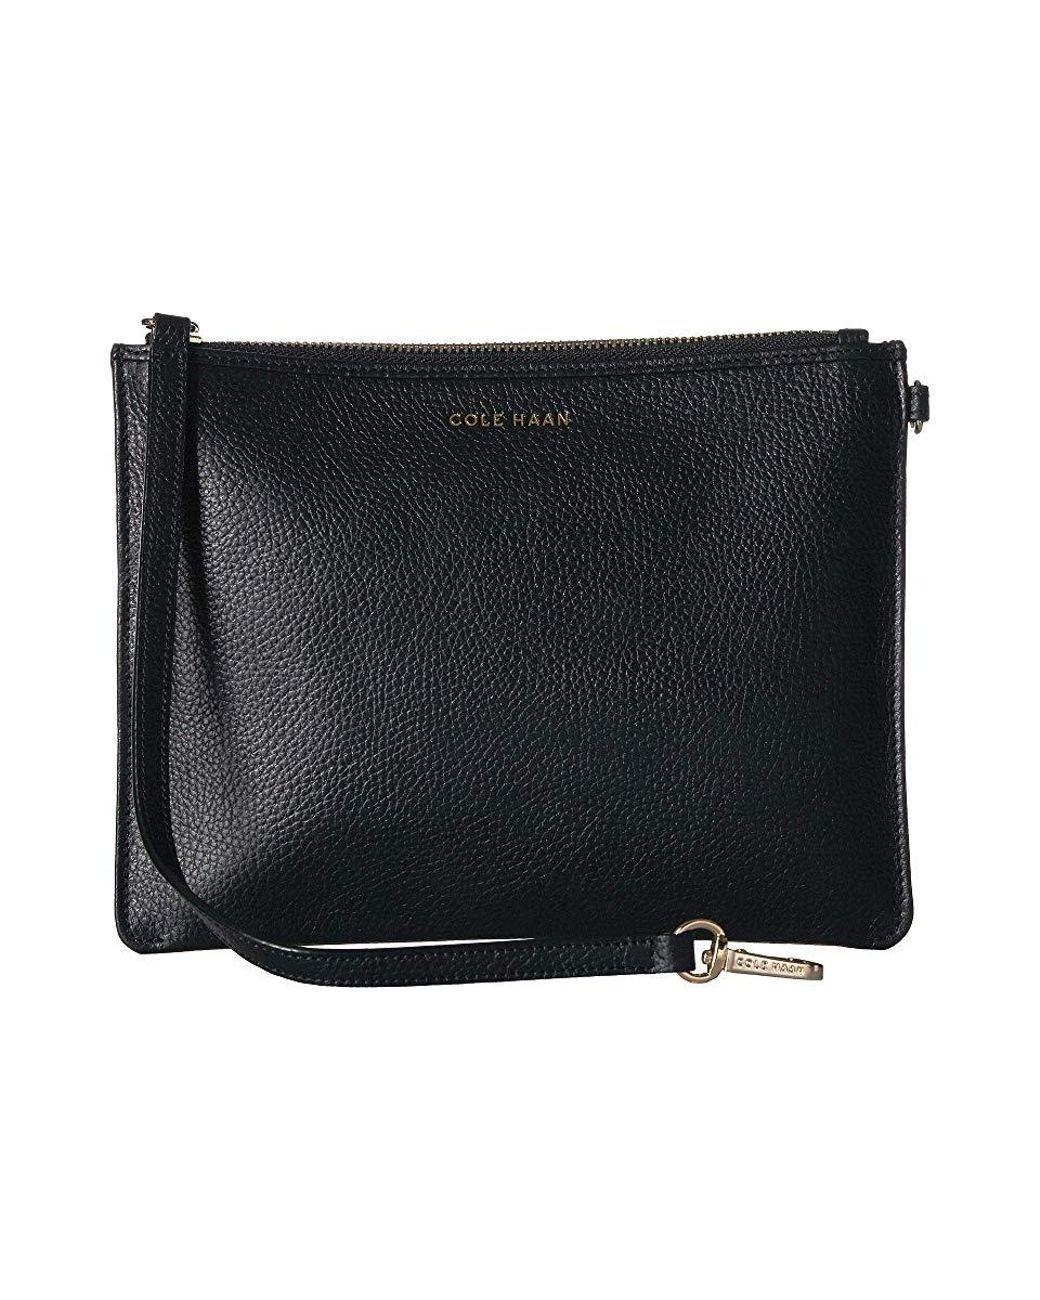 85ea6fe1607 Cole Haan Benson Wristlet Pouch (black) Handbags in Black - Lyst